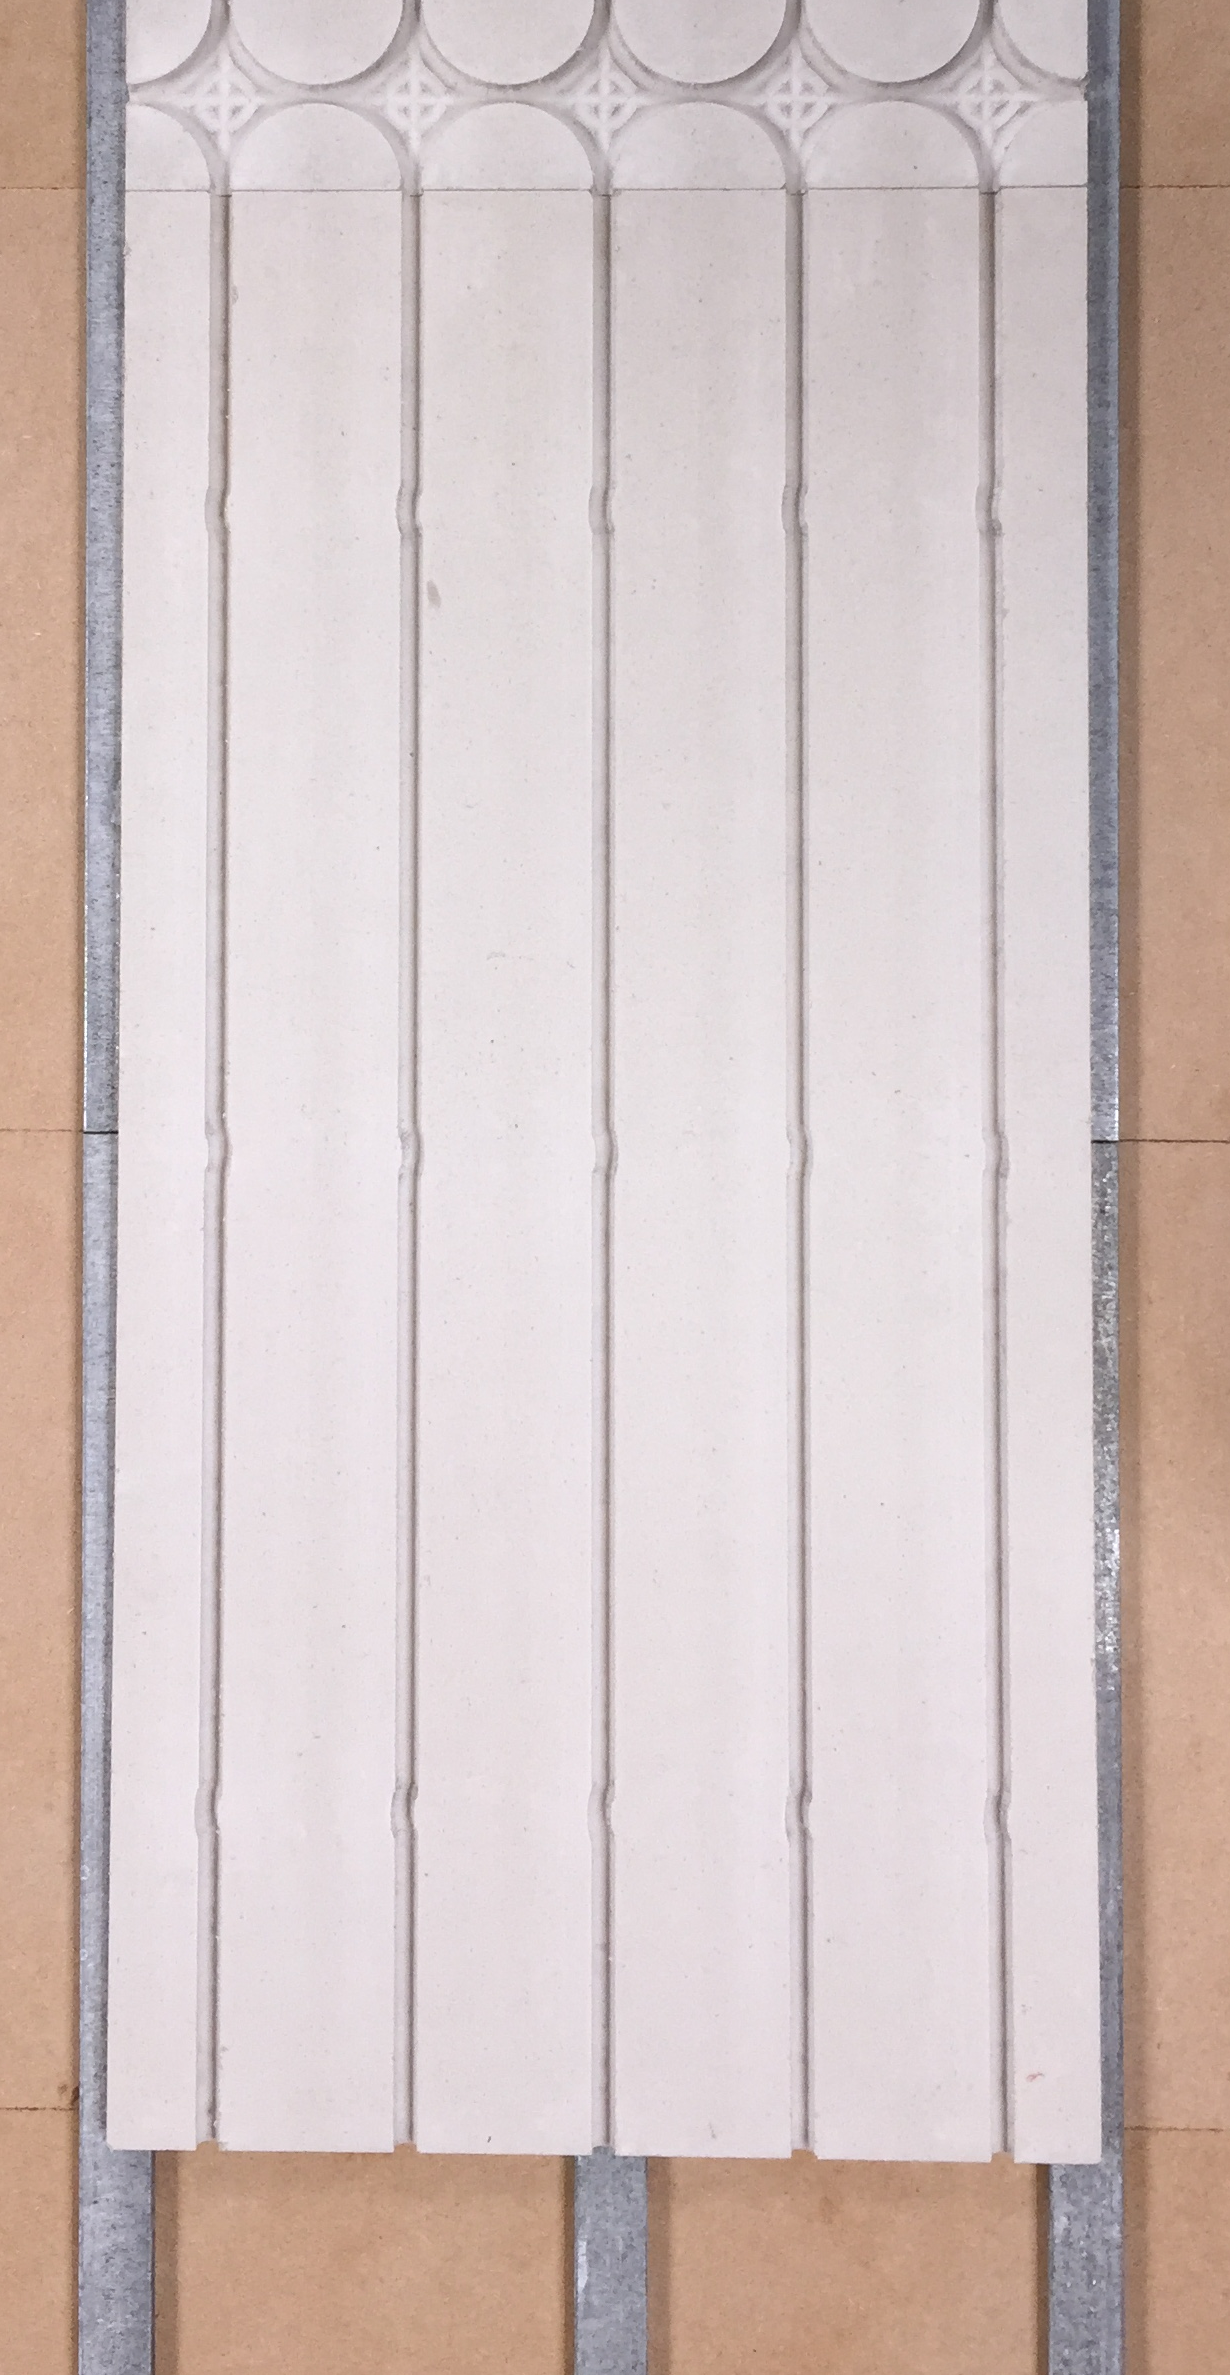 Mur chauffant Caleosol pur Gype sur ossature metallqiue fourrure pose plaques en vertical